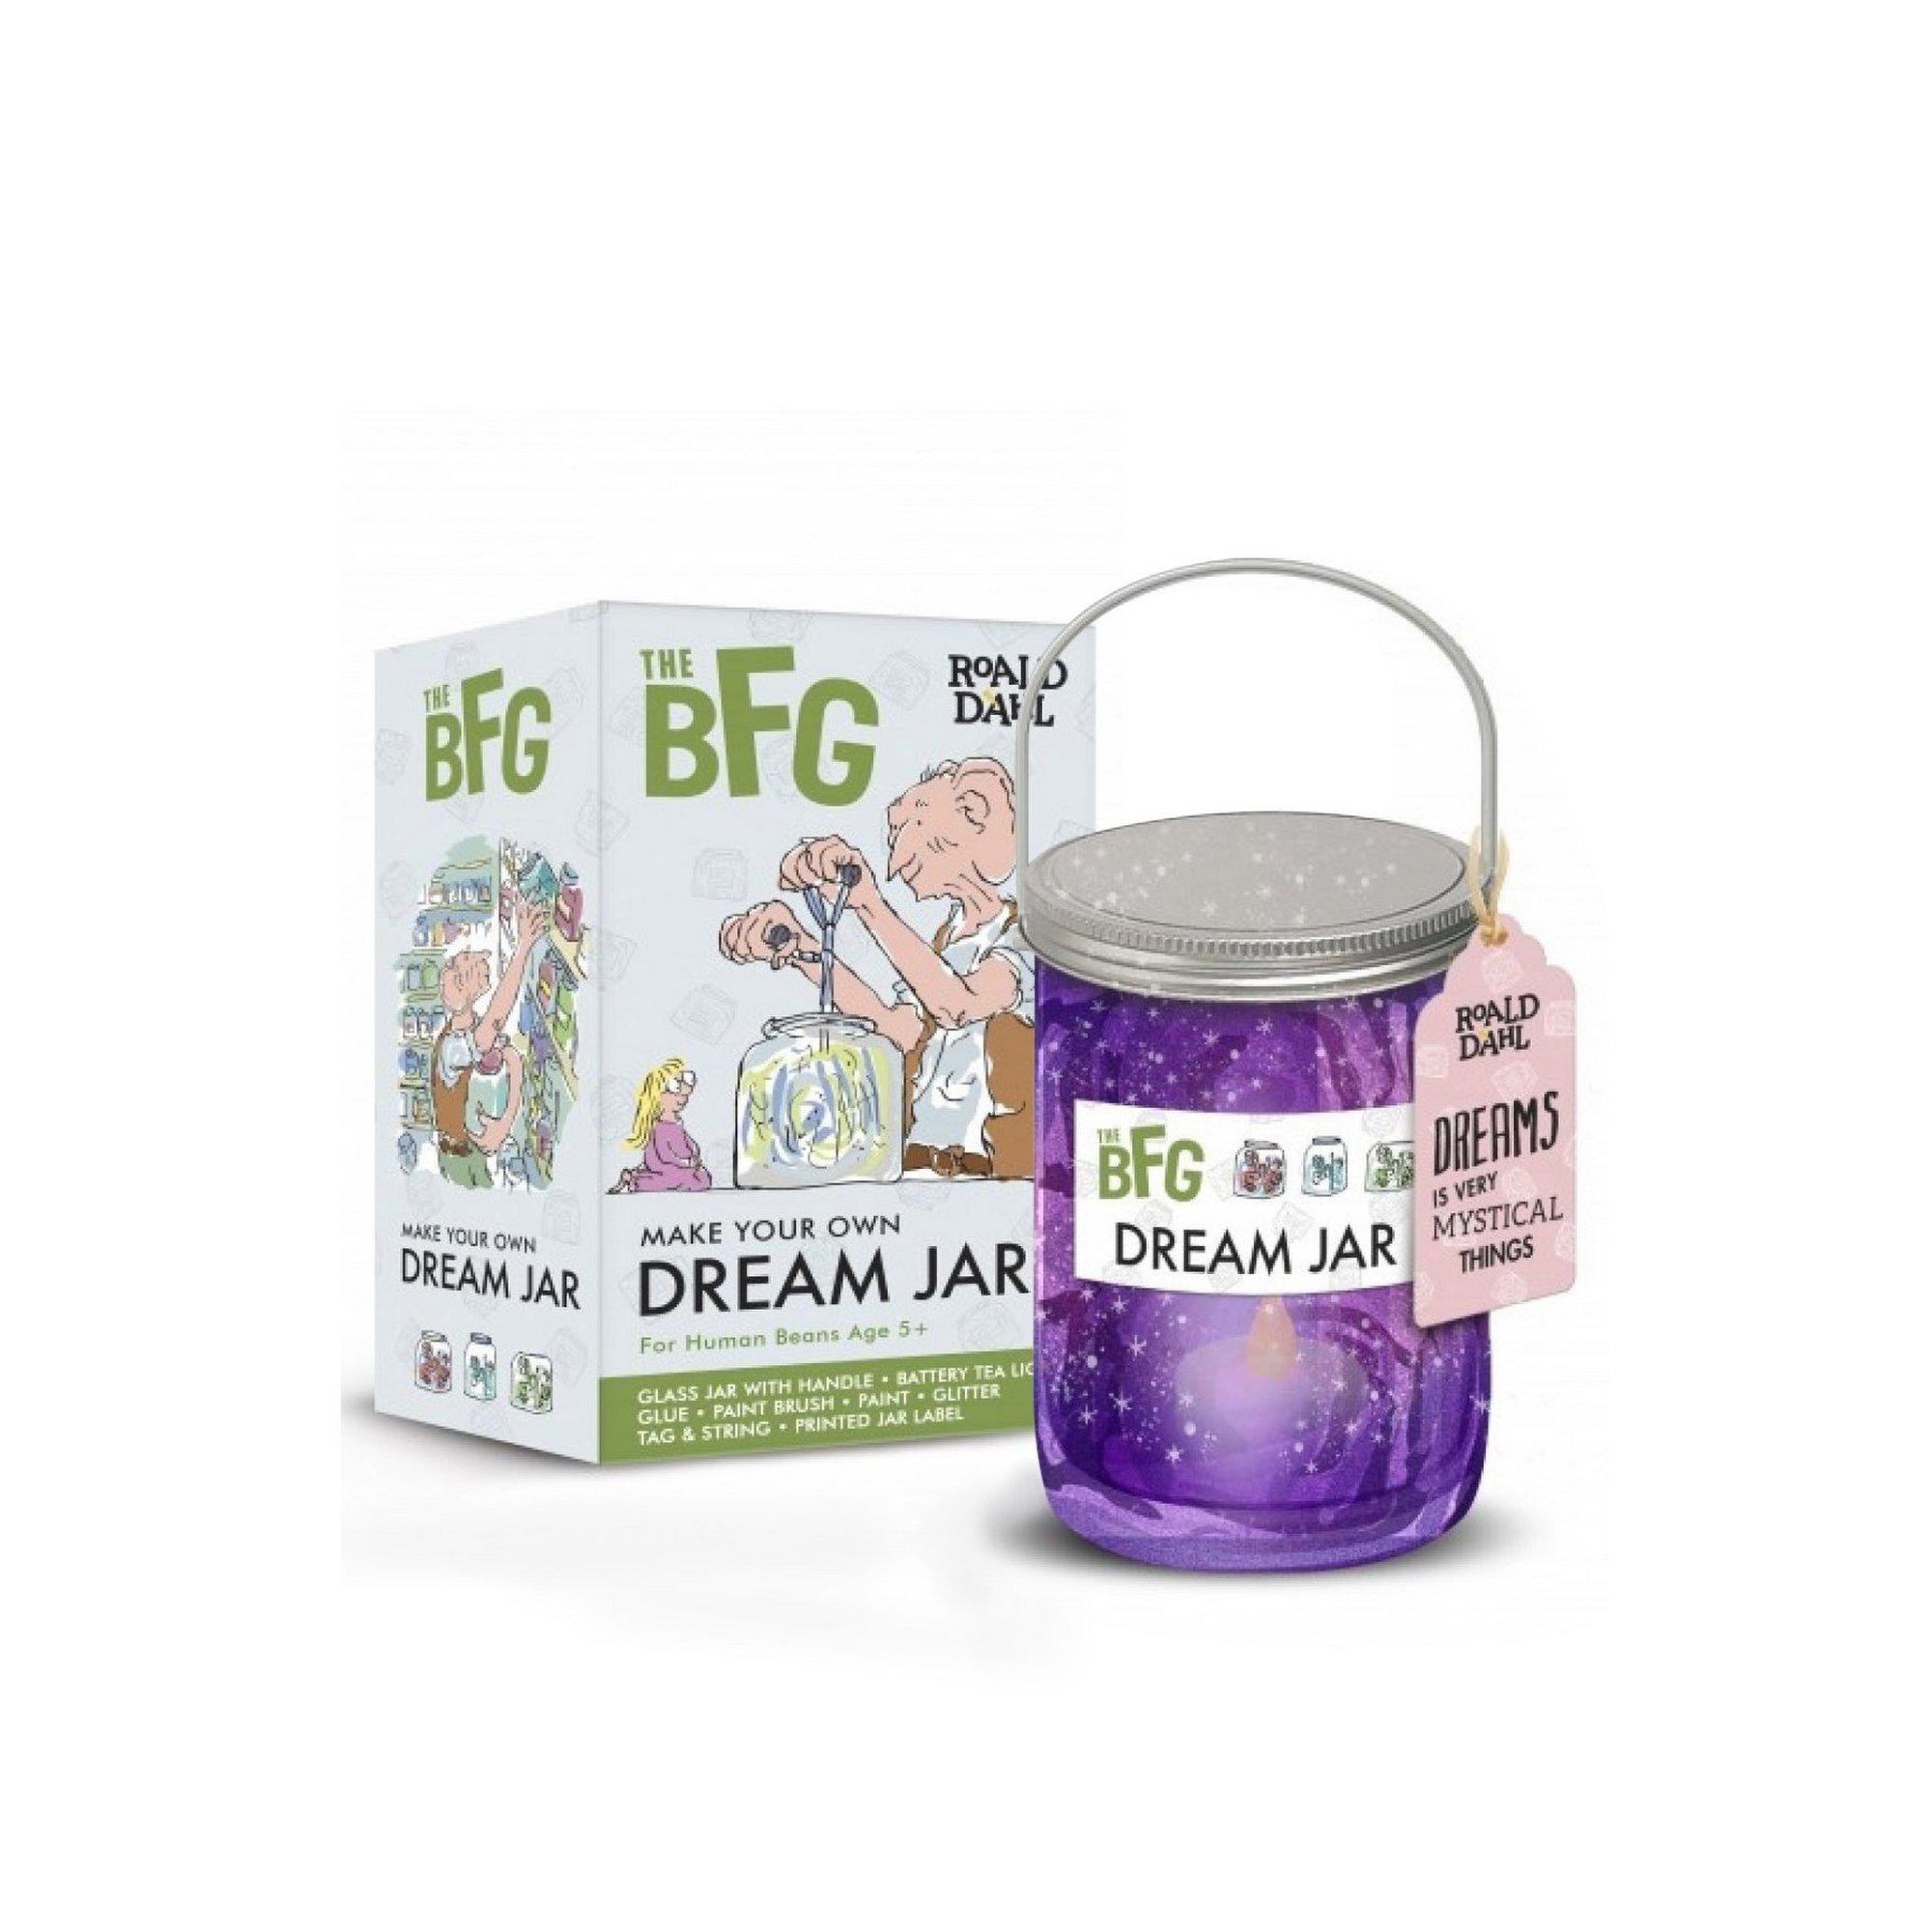 Image of BFG Make Your Own Dream Jar